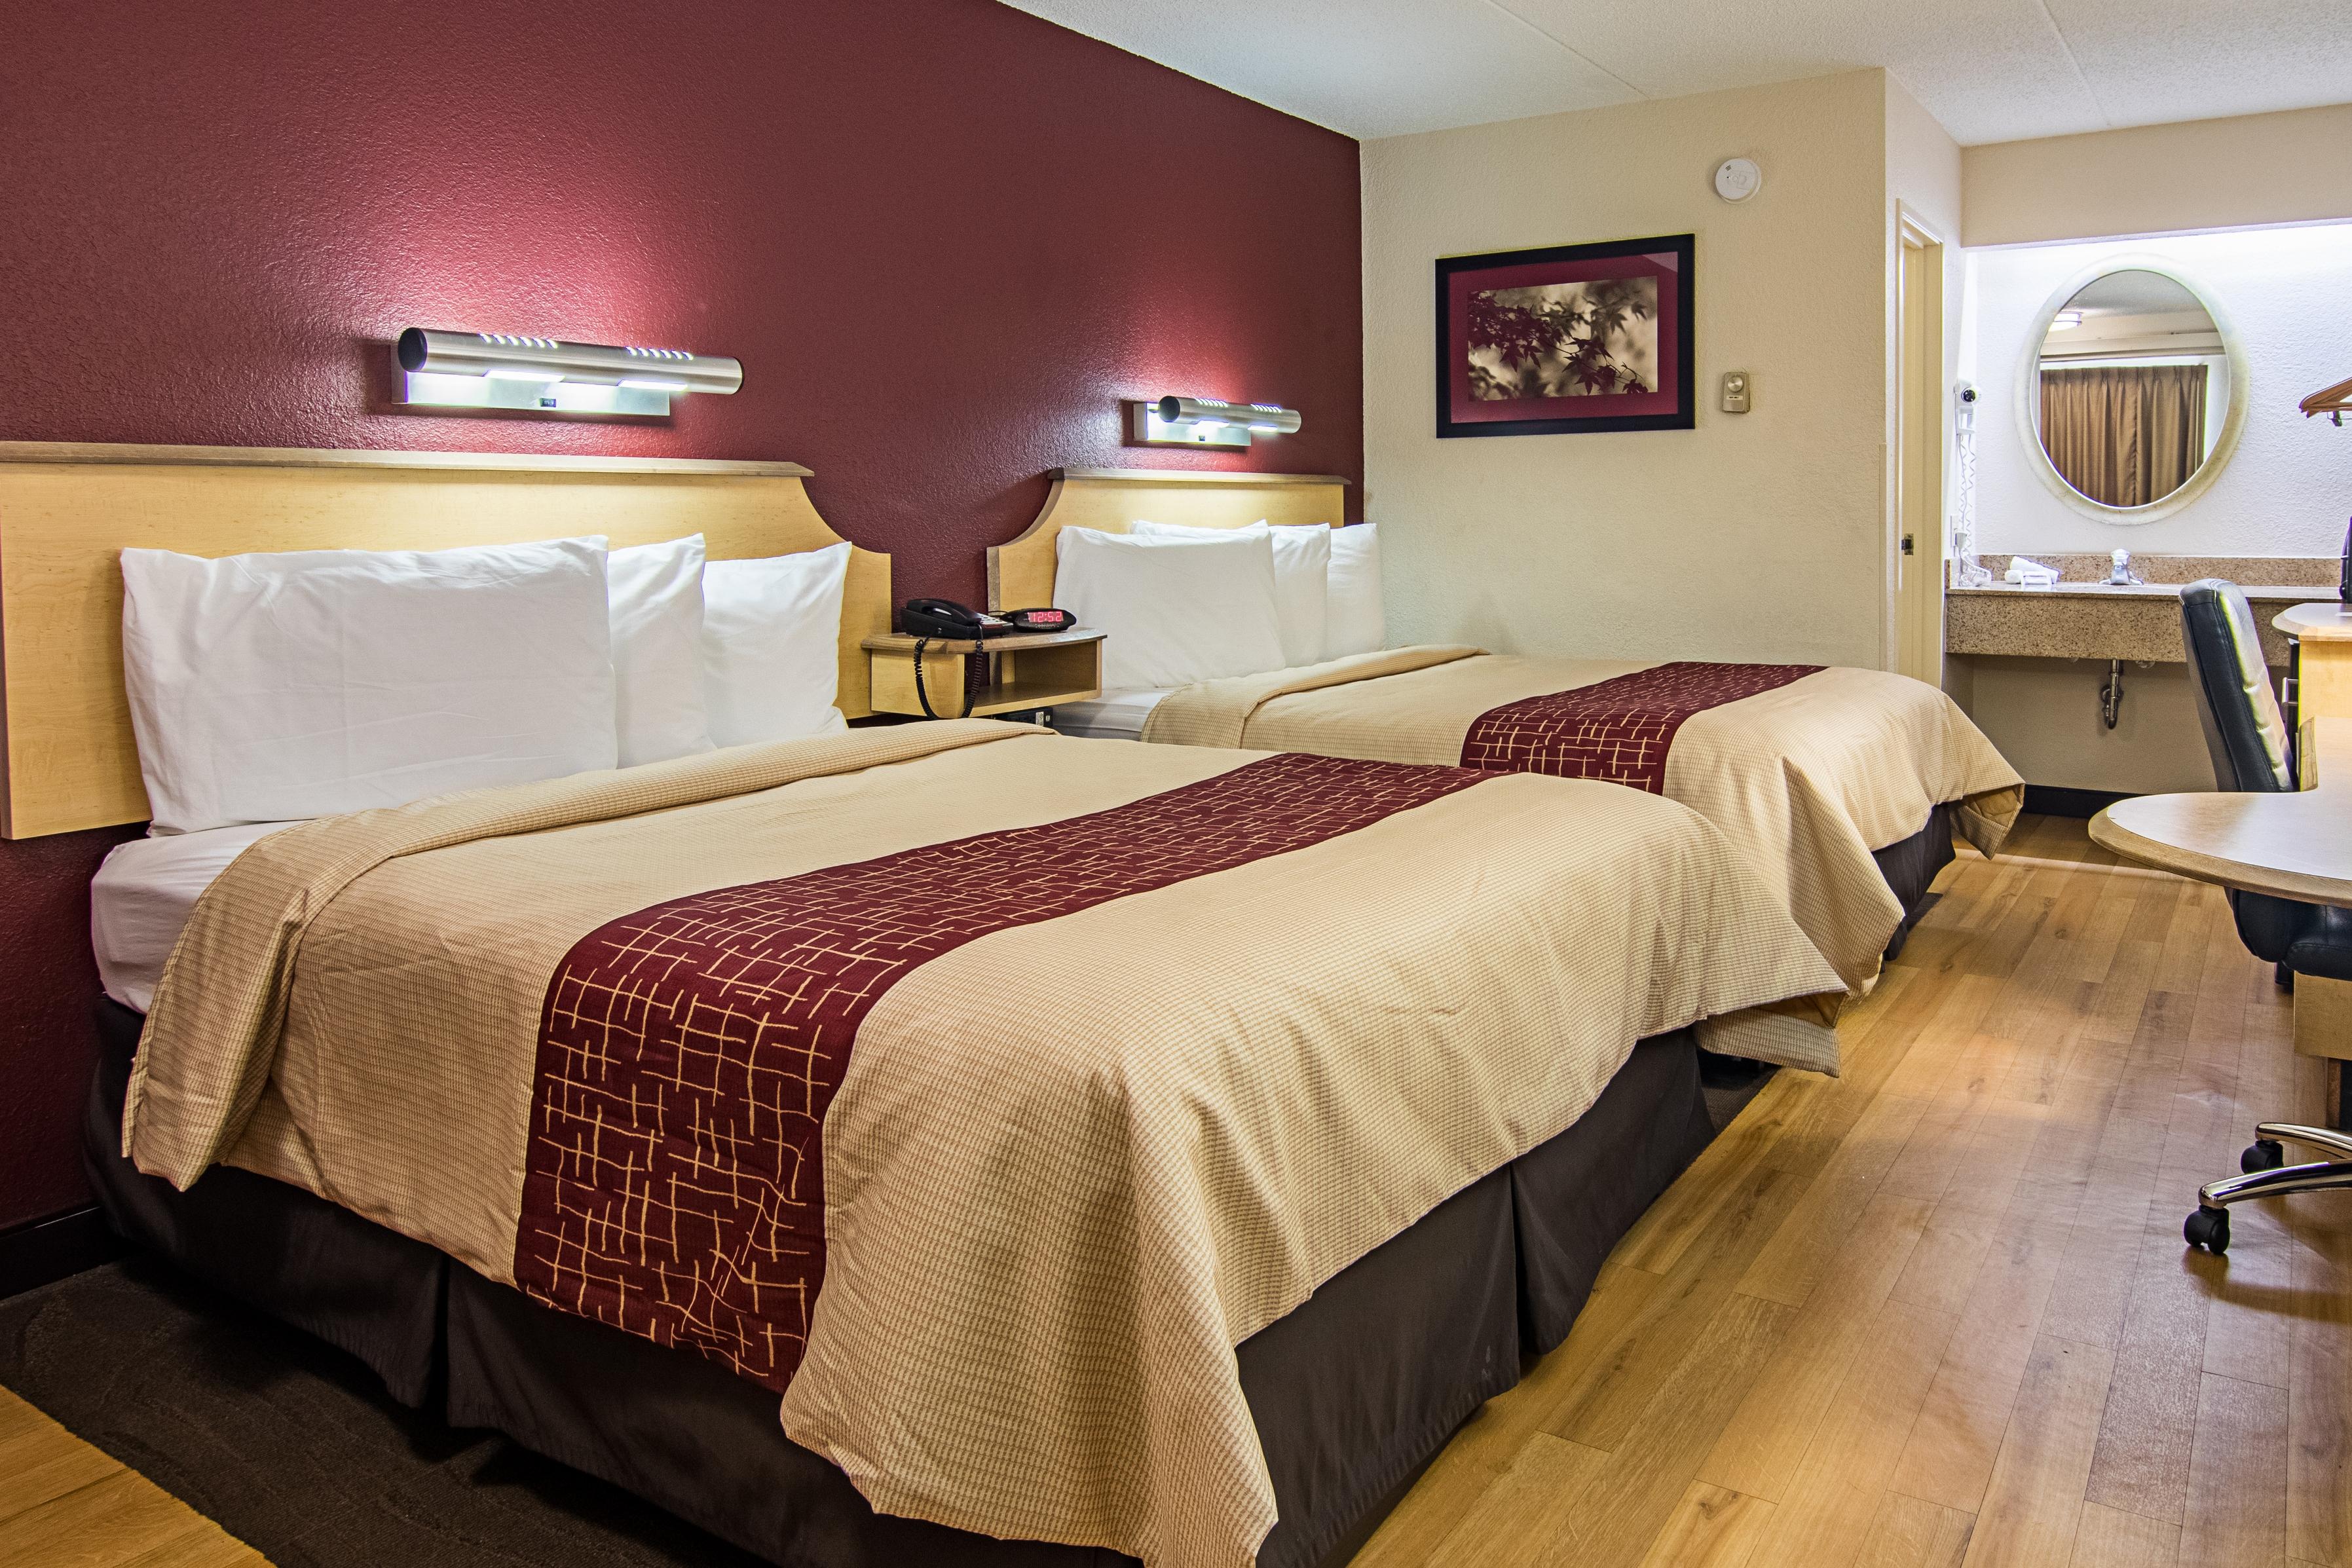 133-2-full-beds-01.jpg